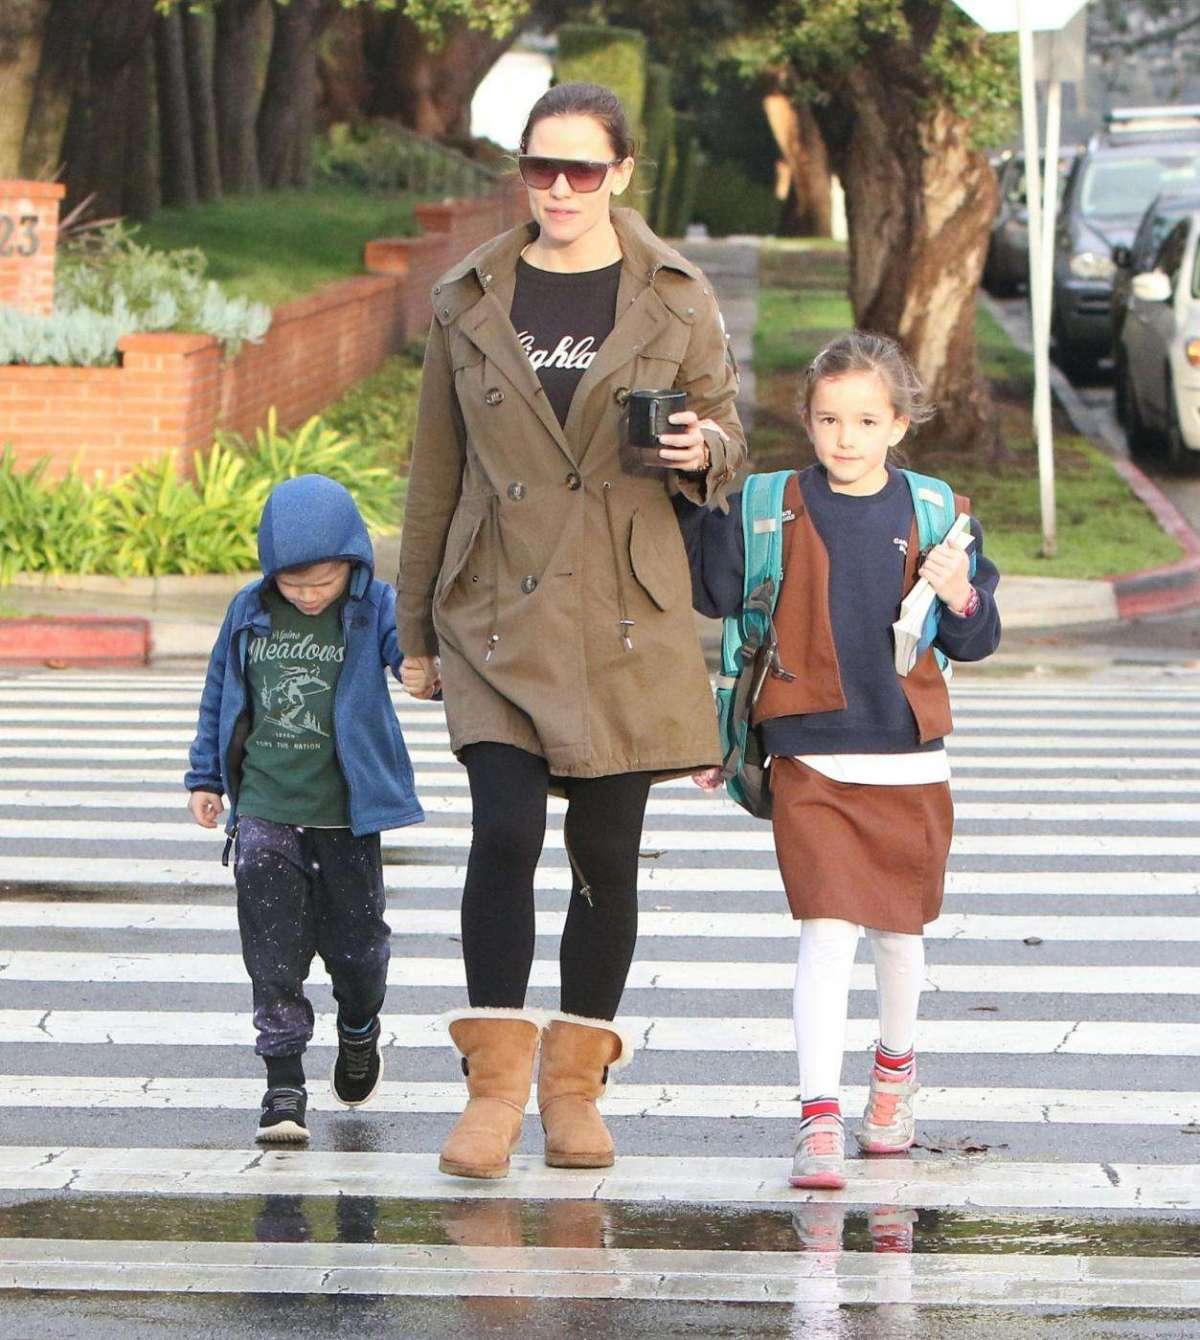 Jennifer Garner a passeggio con due figli